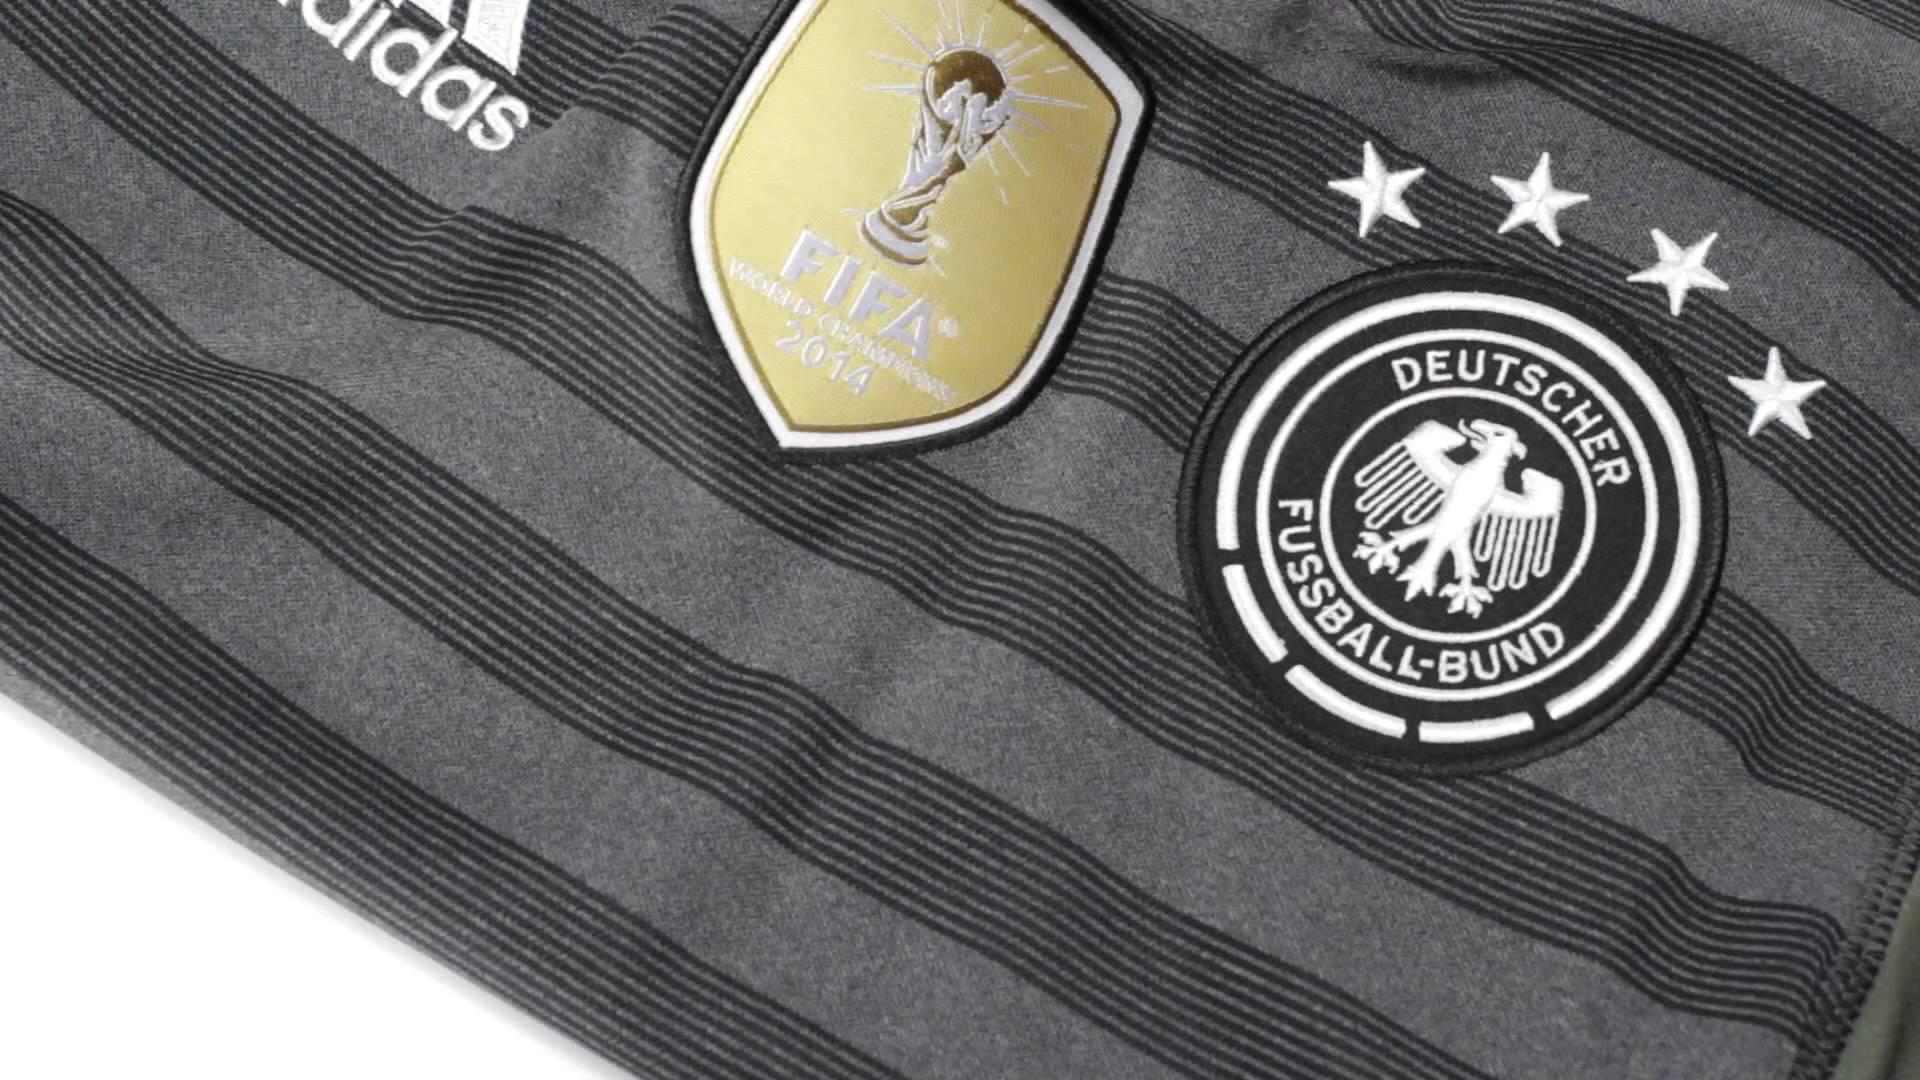 ненастную обои на рабочий стол с символикой сборной германии по футболу этом